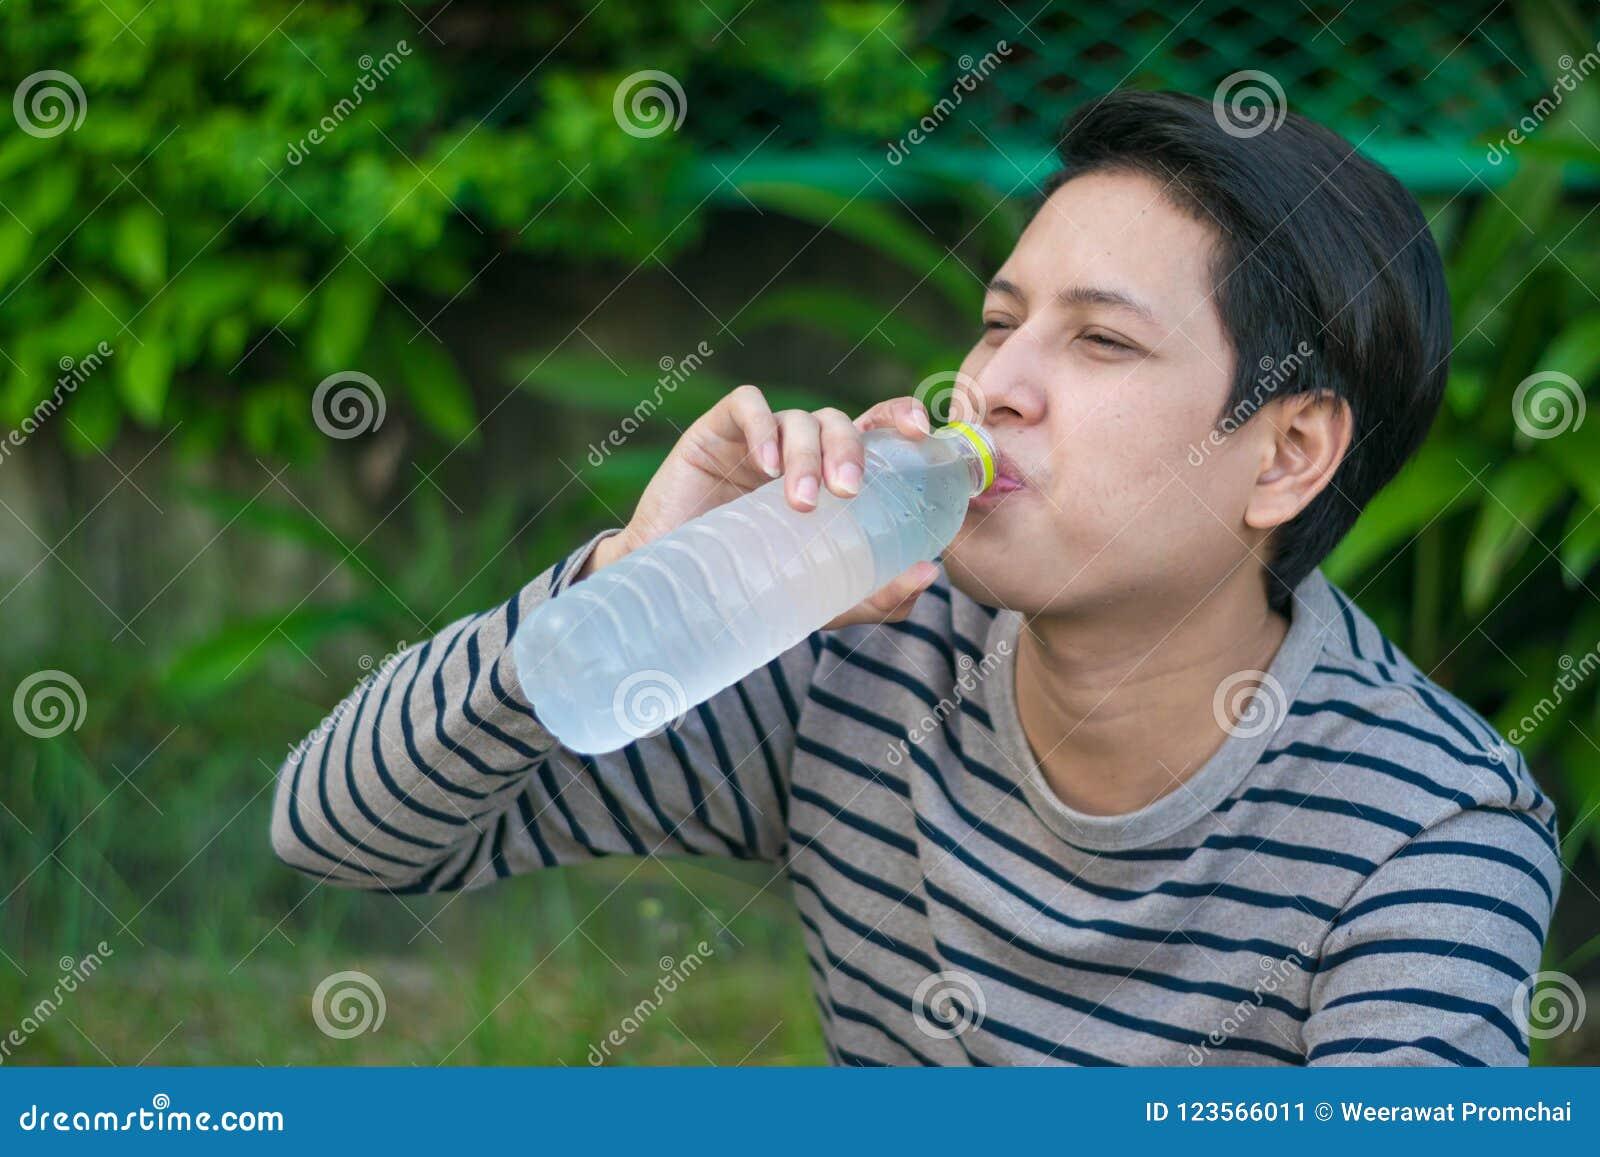 Ασιατικό άτομο που κάθεται και που πίνει ένα μπουκάλι νερό